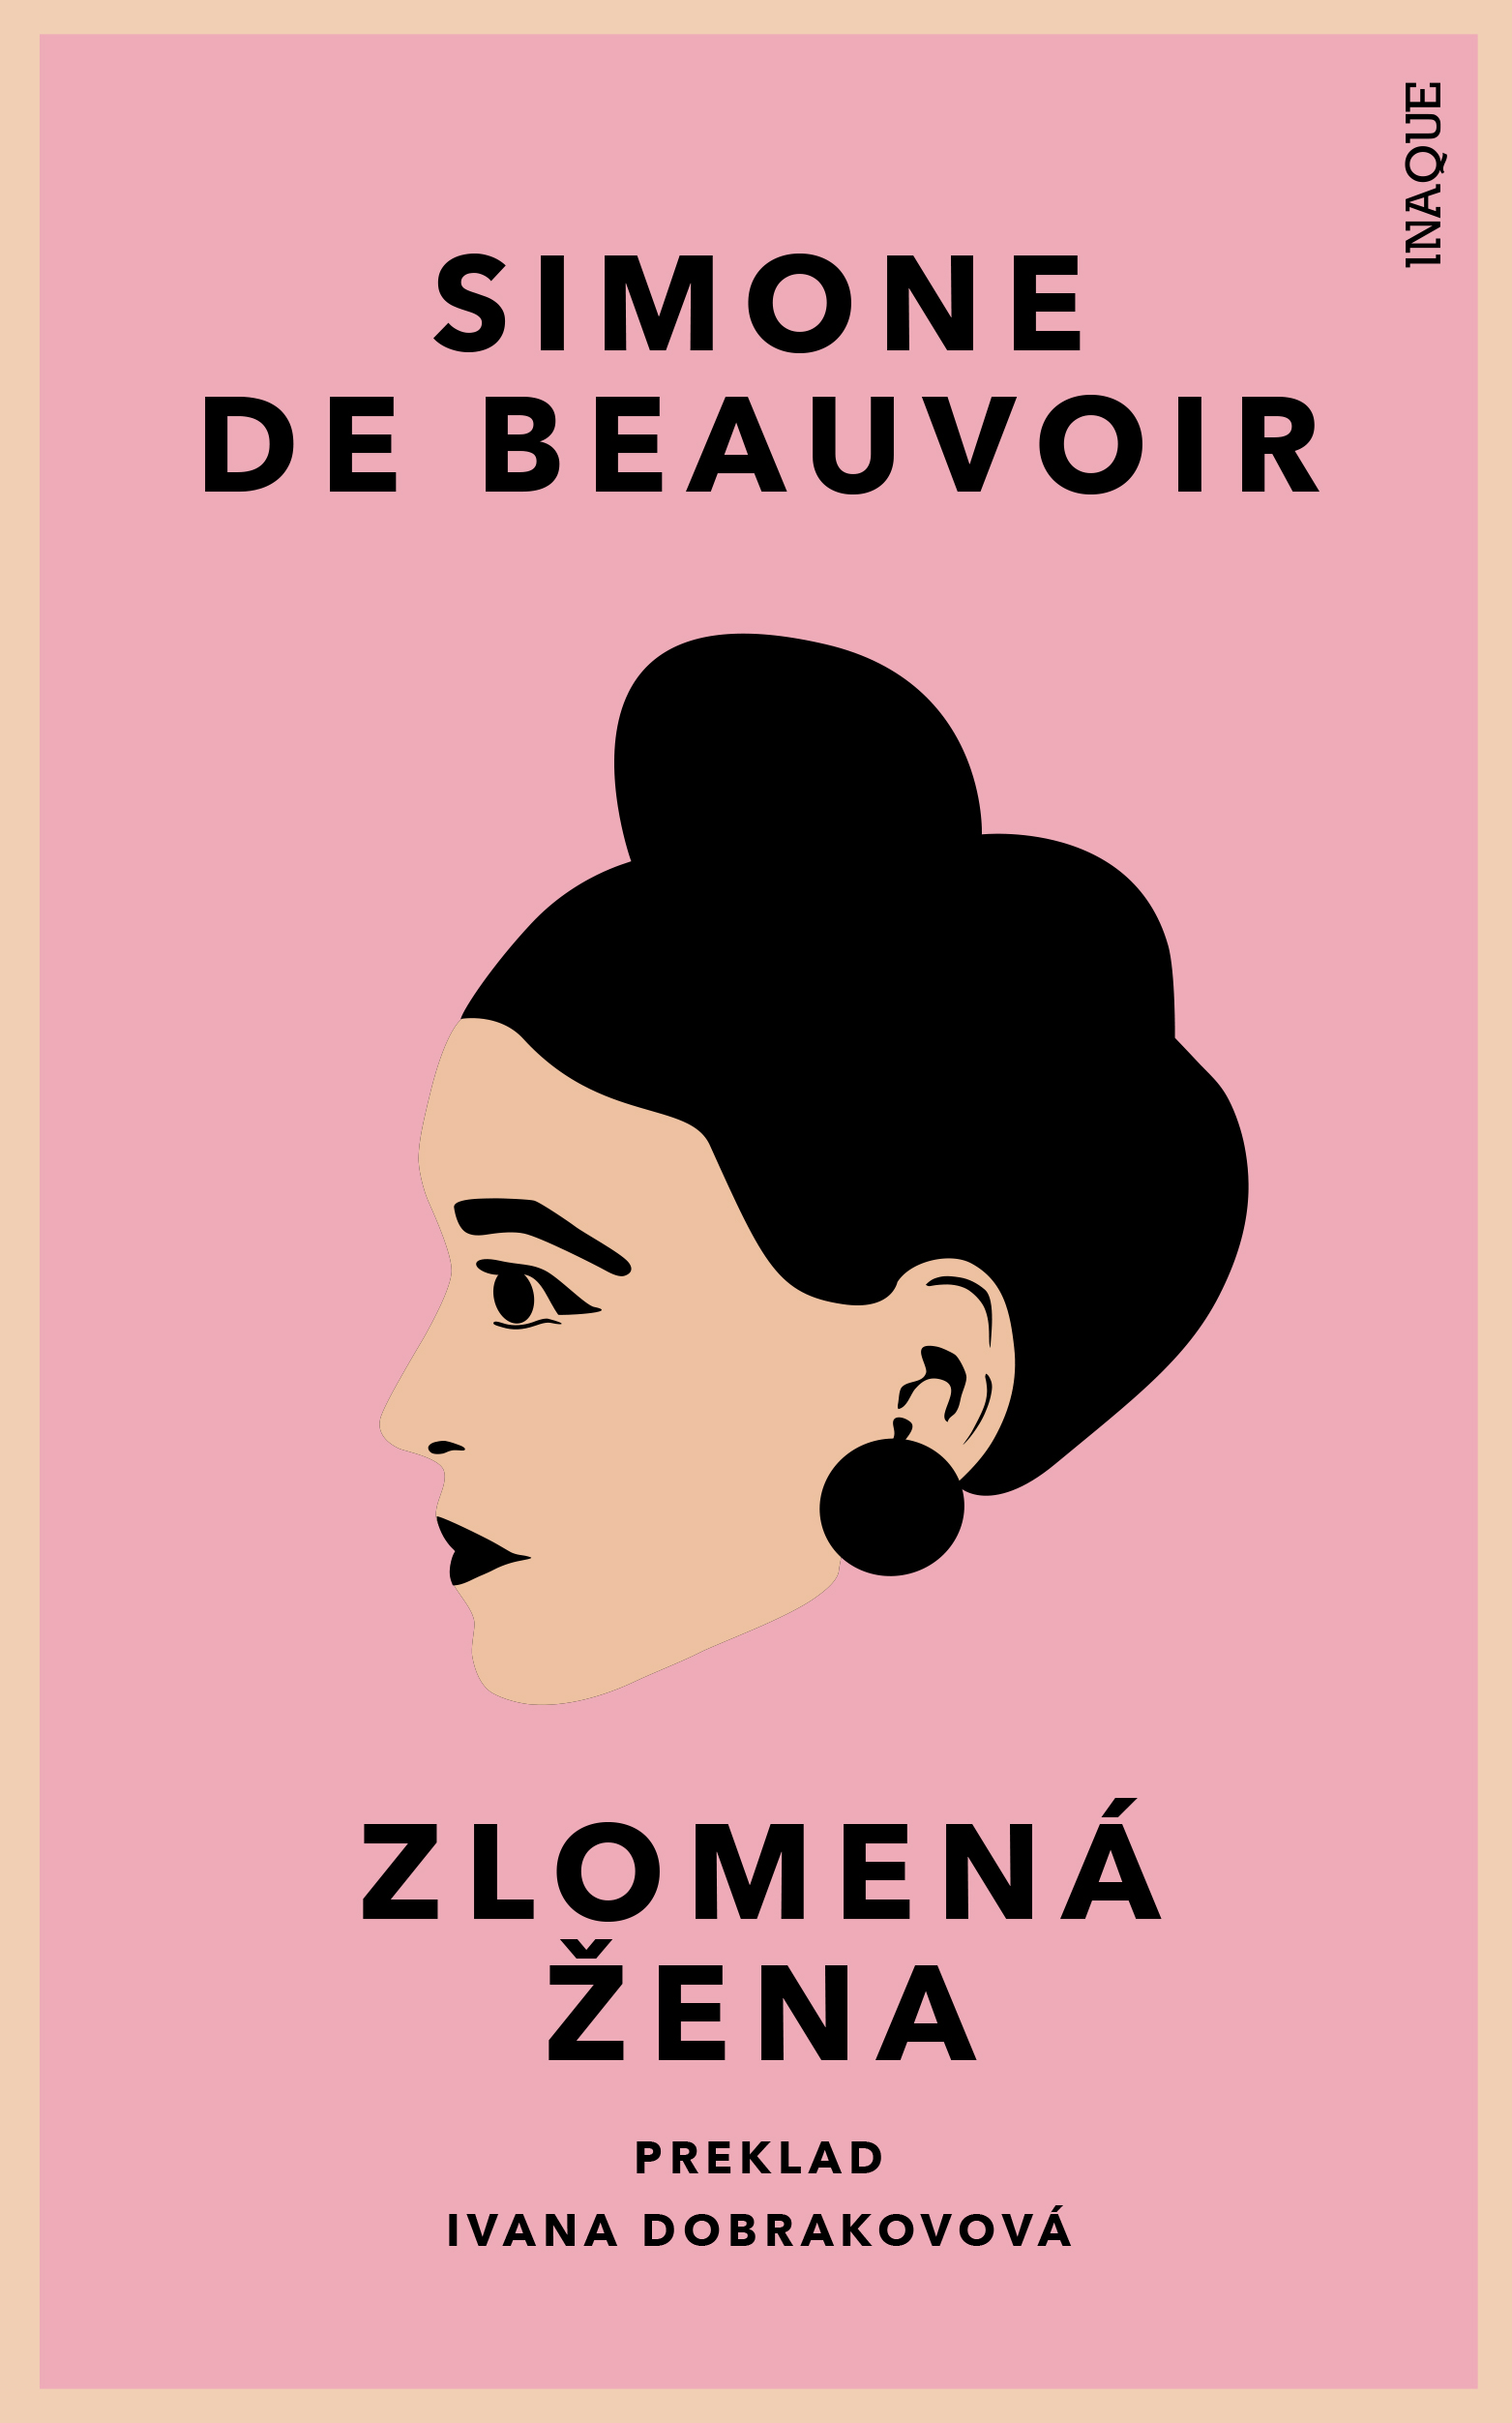 130_Simone de Beuvoir_Zlomená žena